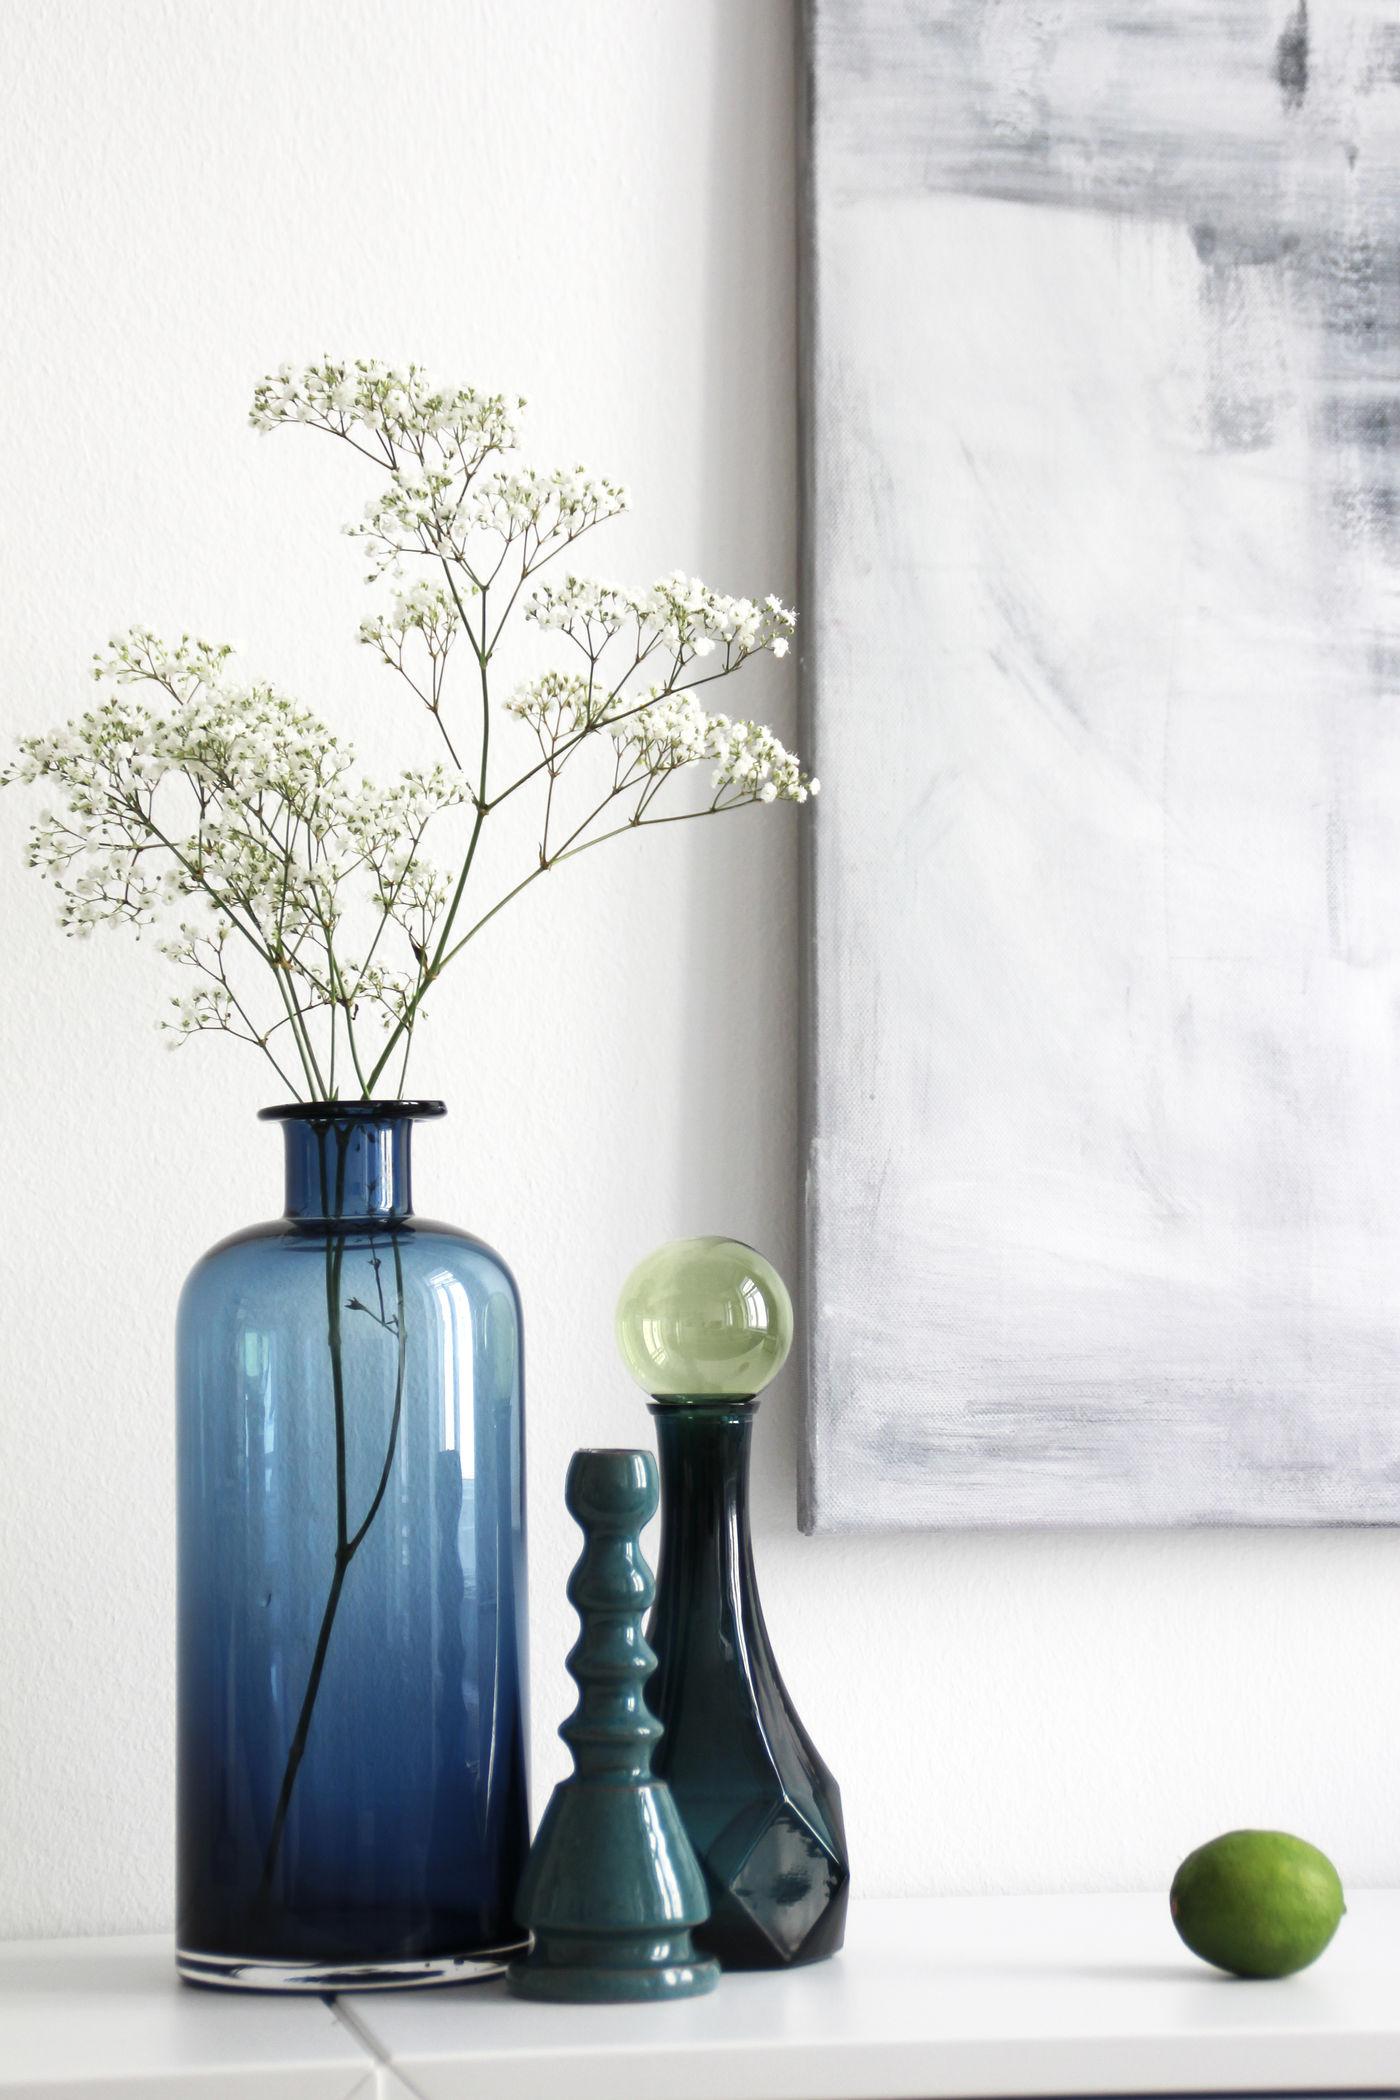 deko ideen trendy dekoideen mit weckglser with deko ideen attraktiv modell terrasse fresko. Black Bedroom Furniture Sets. Home Design Ideas